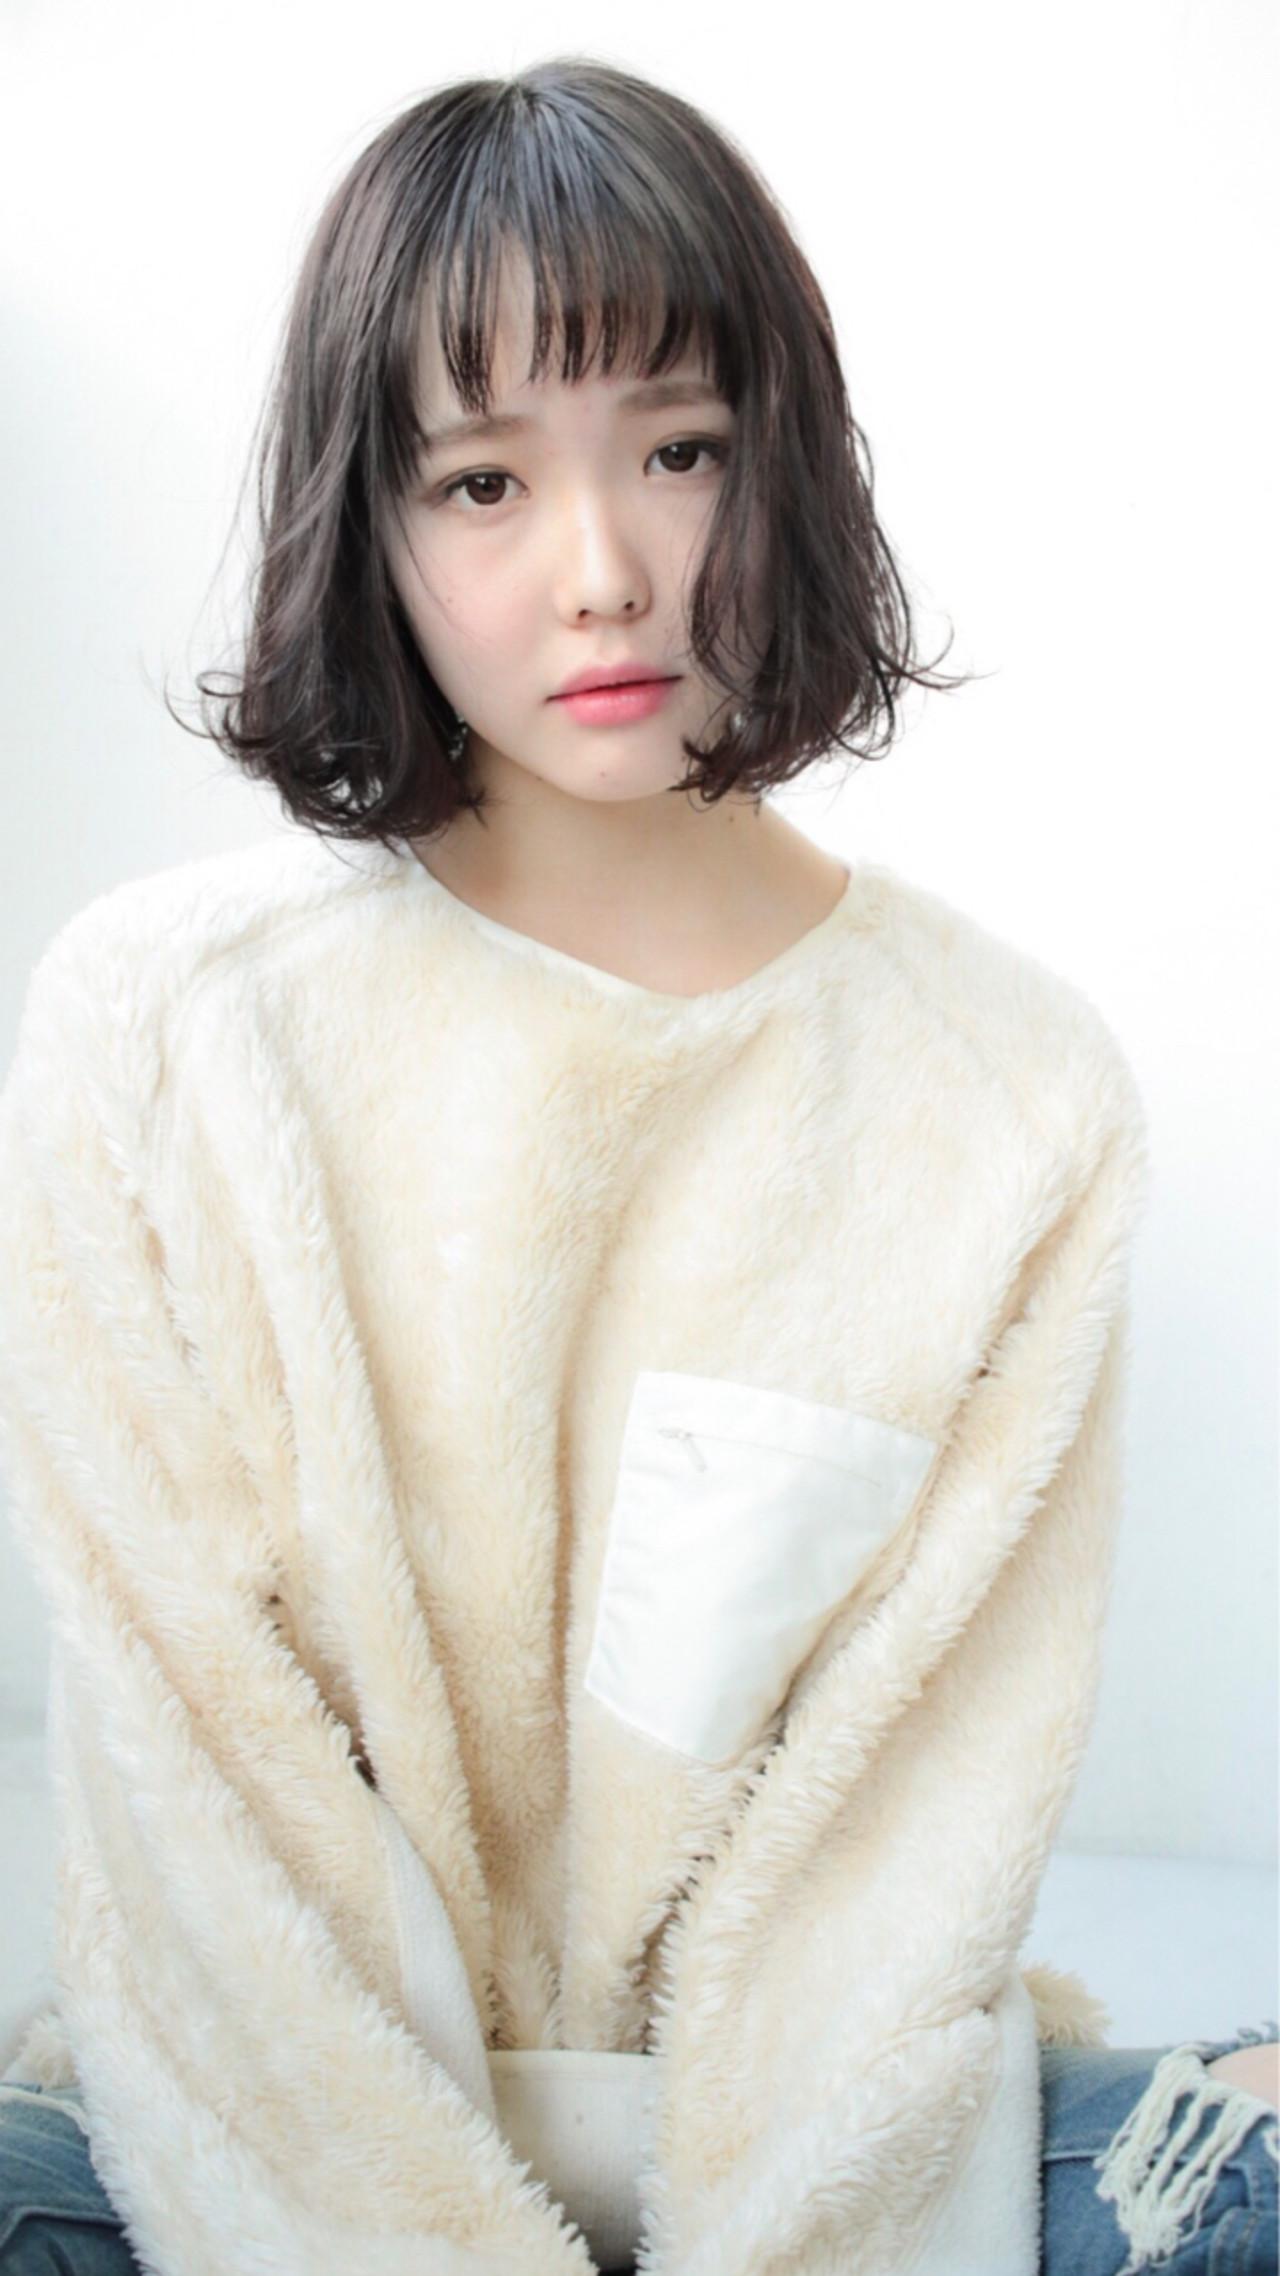 スポーツ 外ハネ デート こなれ感 ヘアスタイルや髪型の写真・画像   SHIGERU/BABY上野 / BABY